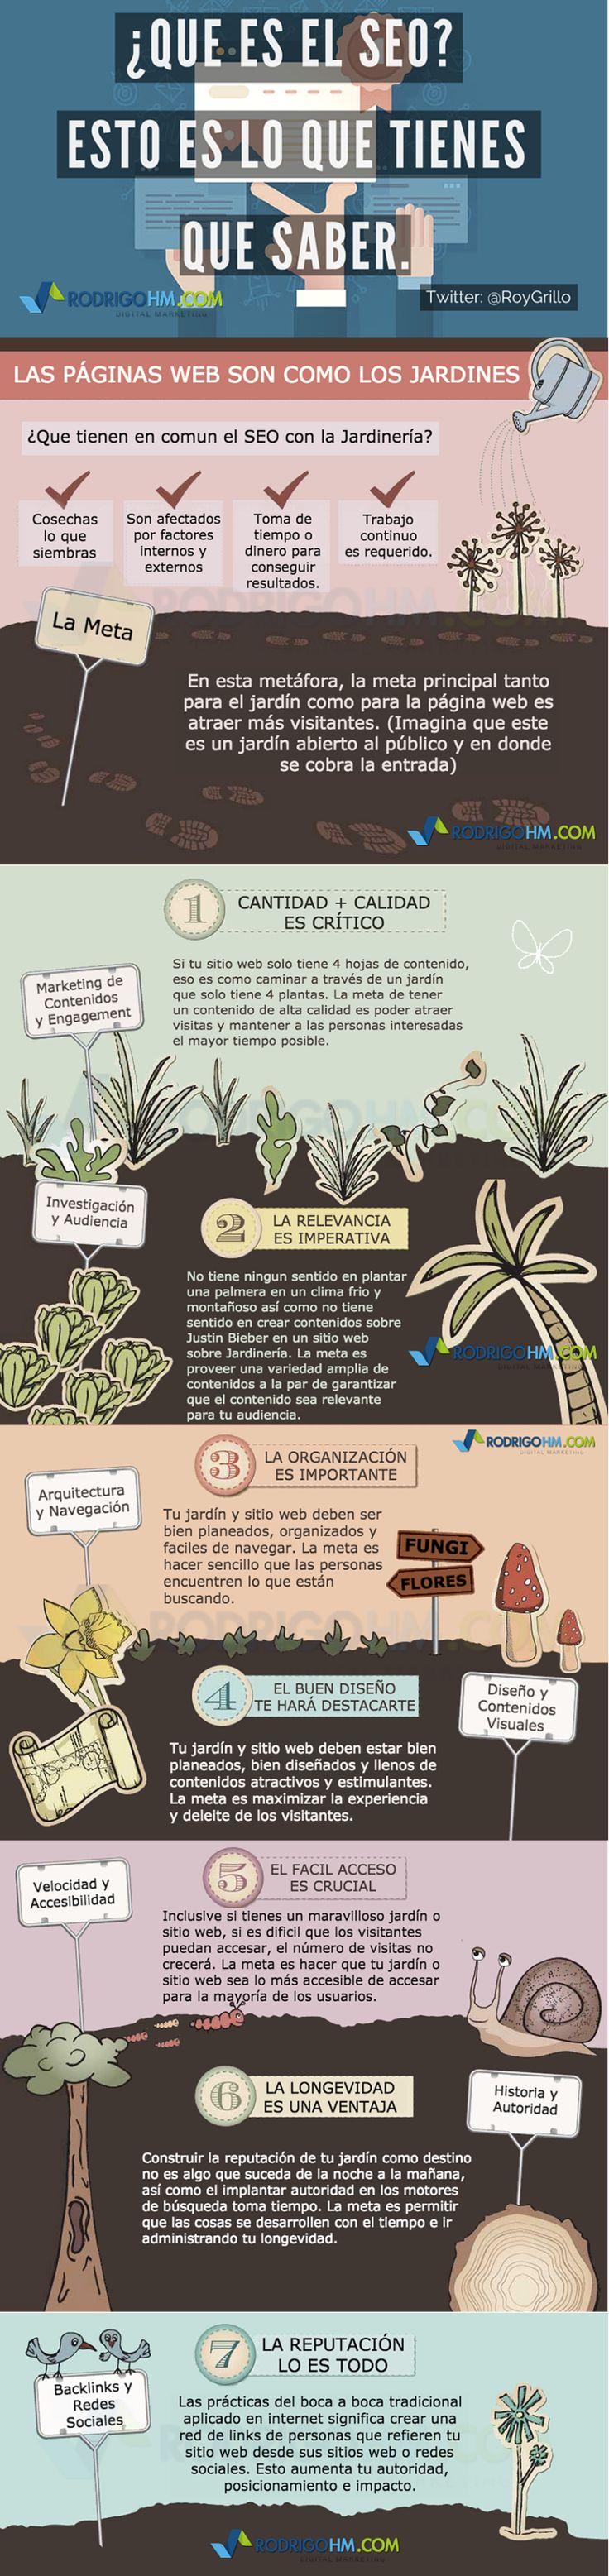 Qué es el SEO: esto es lo que tienes que saber. Infografía en español. #CommunityManager